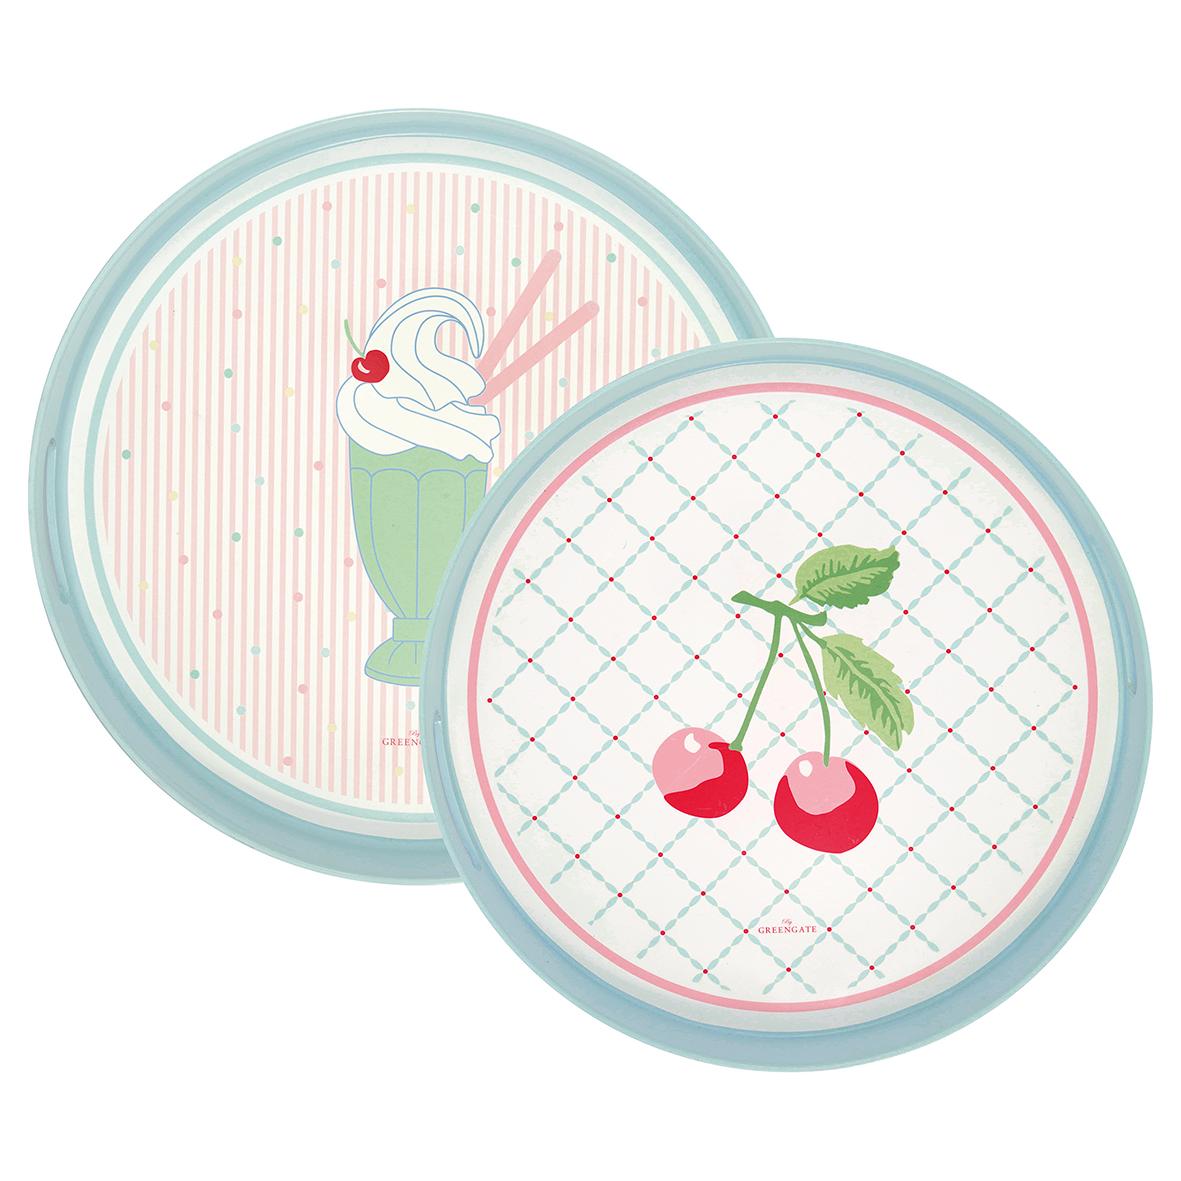 Greengate Tablett rund Isa pale pink mit Kirschmuster klein